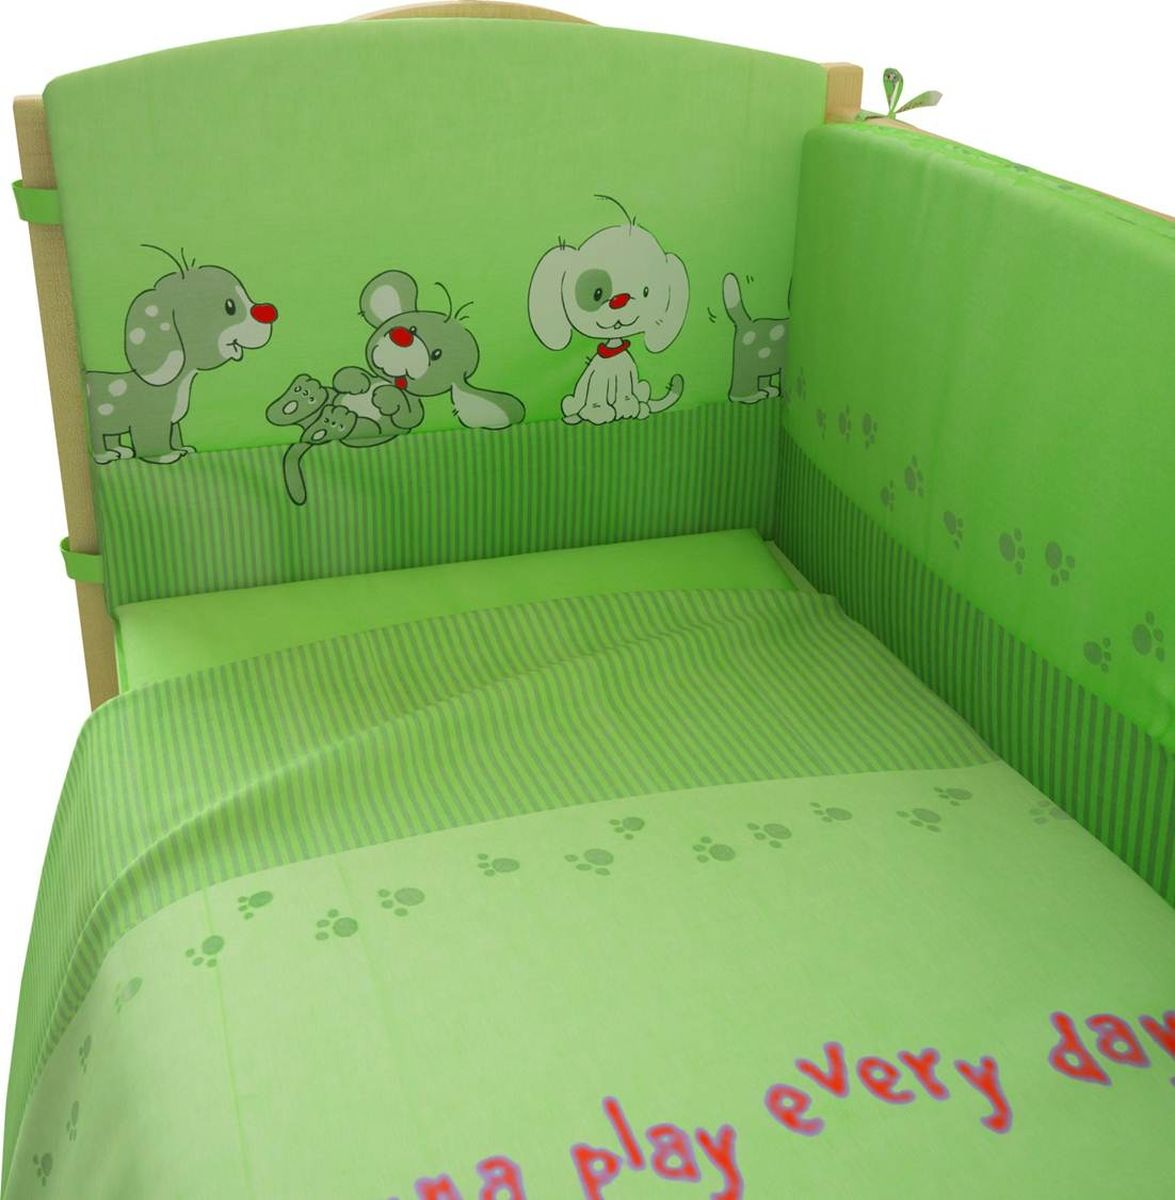 Фея Комплект белья для новорожденных Веселая игра цвет зеленый 6 предметов1064-4Постельное белье Фея, сшито из качественного хлопка. Белье не деформируется, цвет не выстирывается.В комплекте: наволочка 40х60, пододеяльник 112х147, простынь 110х150